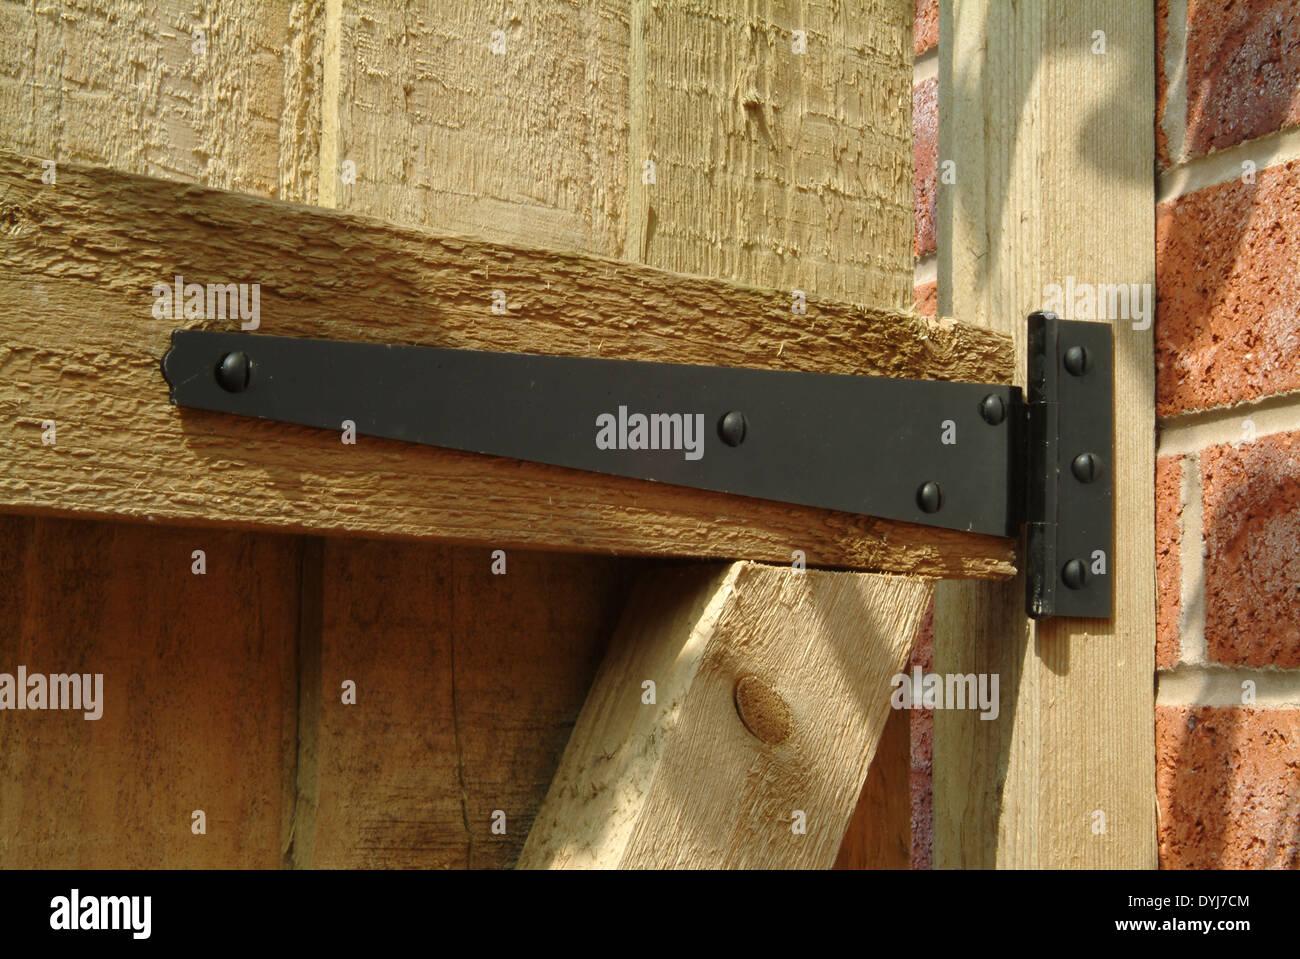 t-scharnier auf hölzerne gartentor stockfoto, bild: 68627796 - alamy